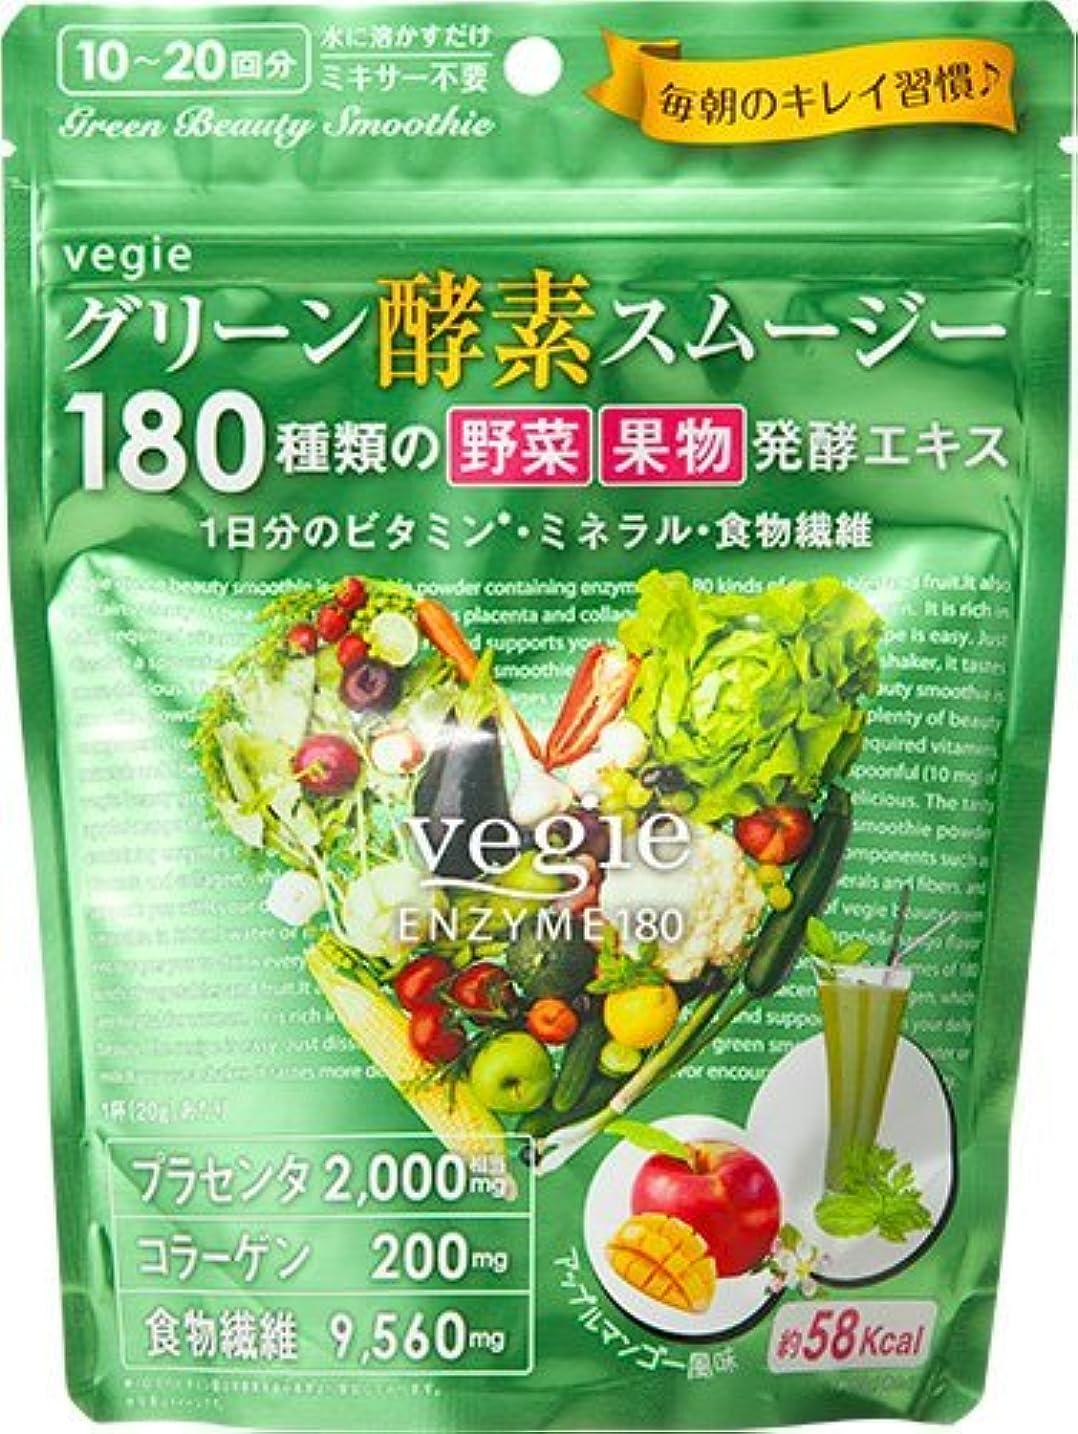 芝生最適絵ベジエ グリーン 酵素スムージー 200g【お得な2個セット】